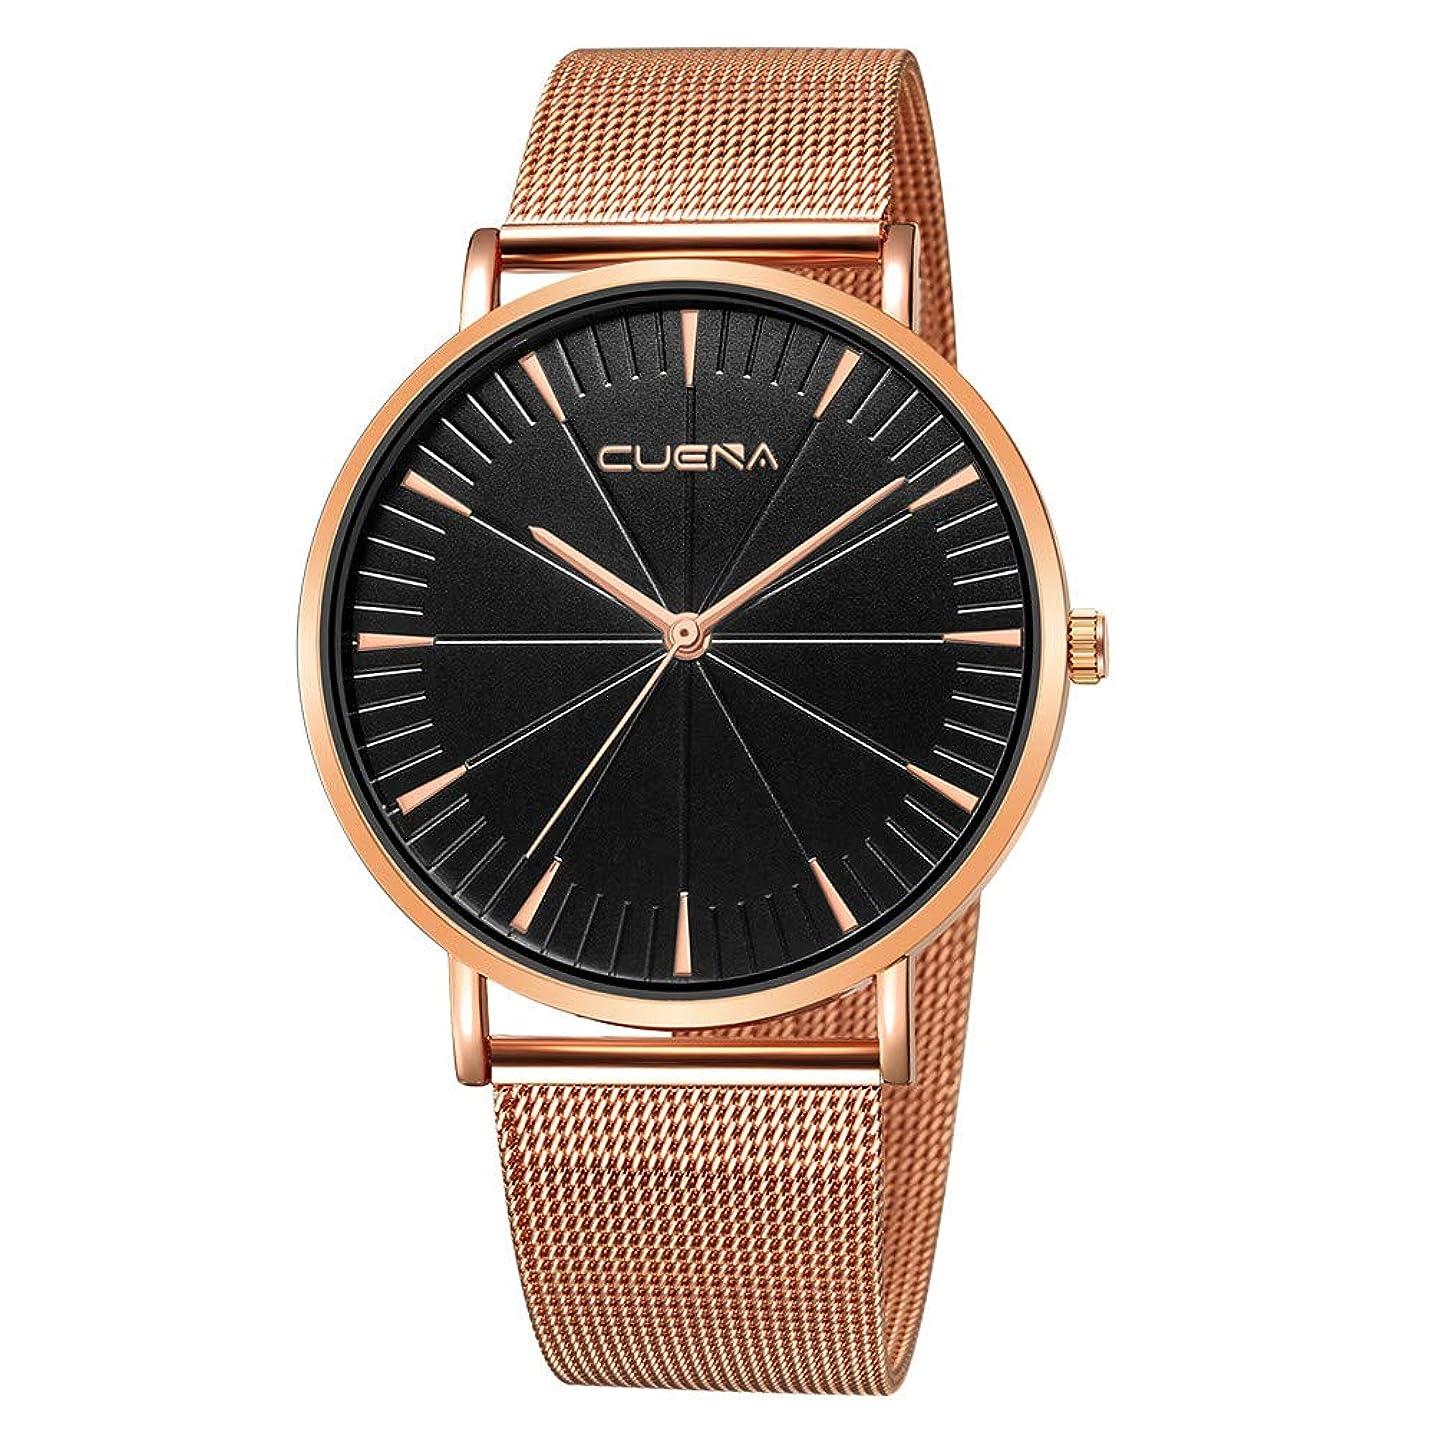 スキャンおいしいオセアニアRencaifeinimo2019年最新 紳士用 超薄型 男女兼用 多機能 腕時計 人気 平日 ファッション メンズファッションミリタリーステンレススチールアナログスポーツクォーツビジネス腕時計